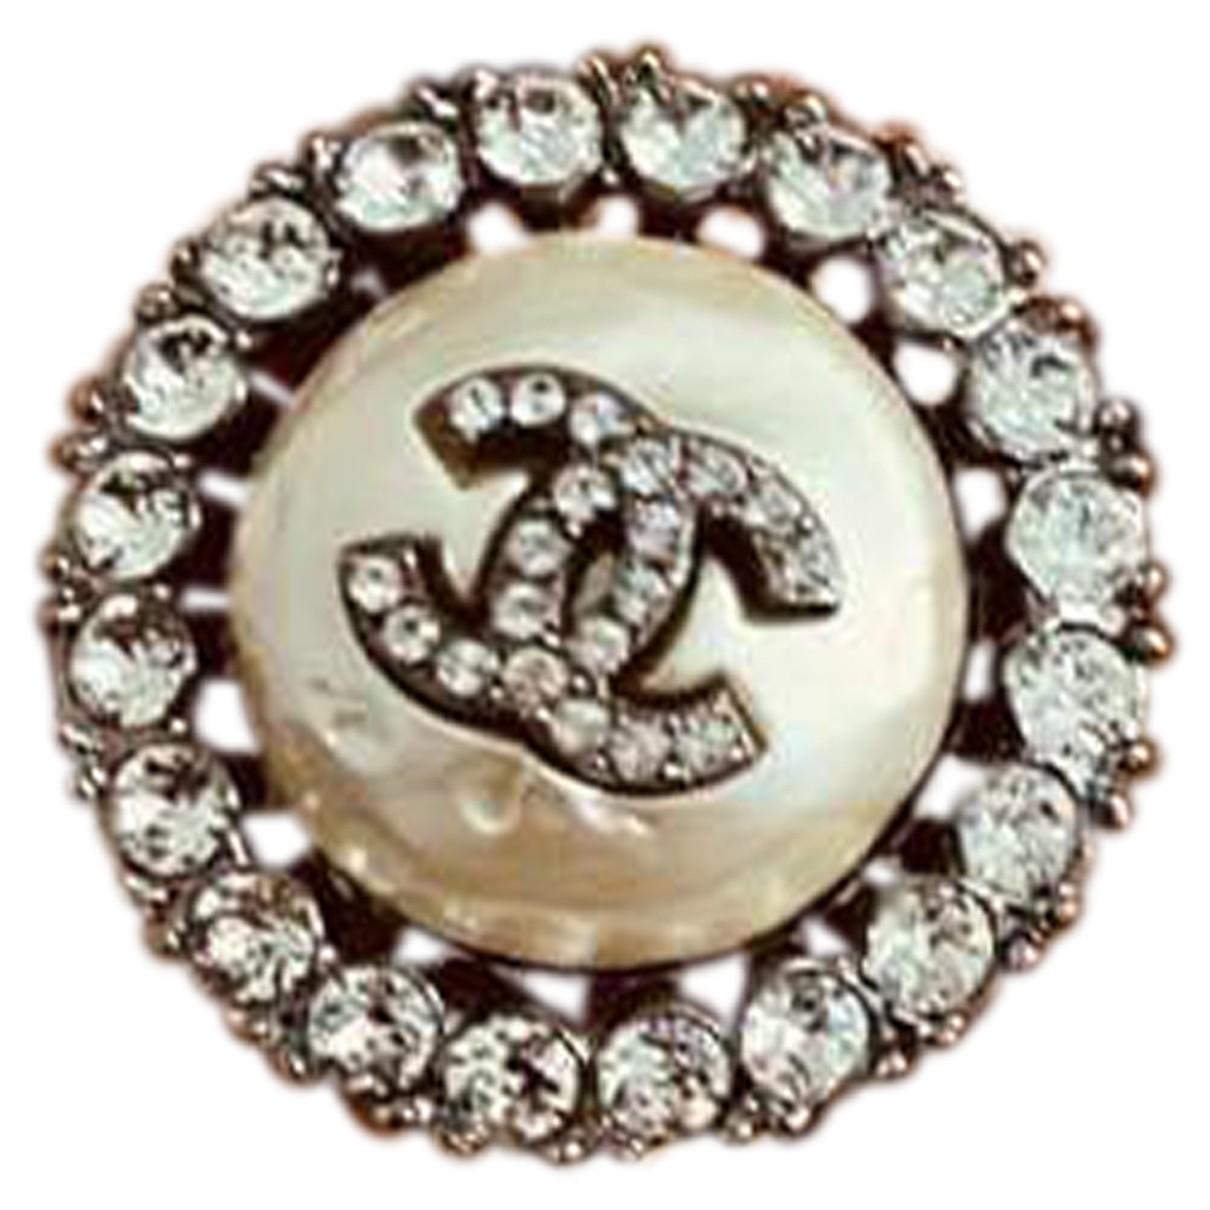 Chanel - Bague CC pour femme en metal - blanc